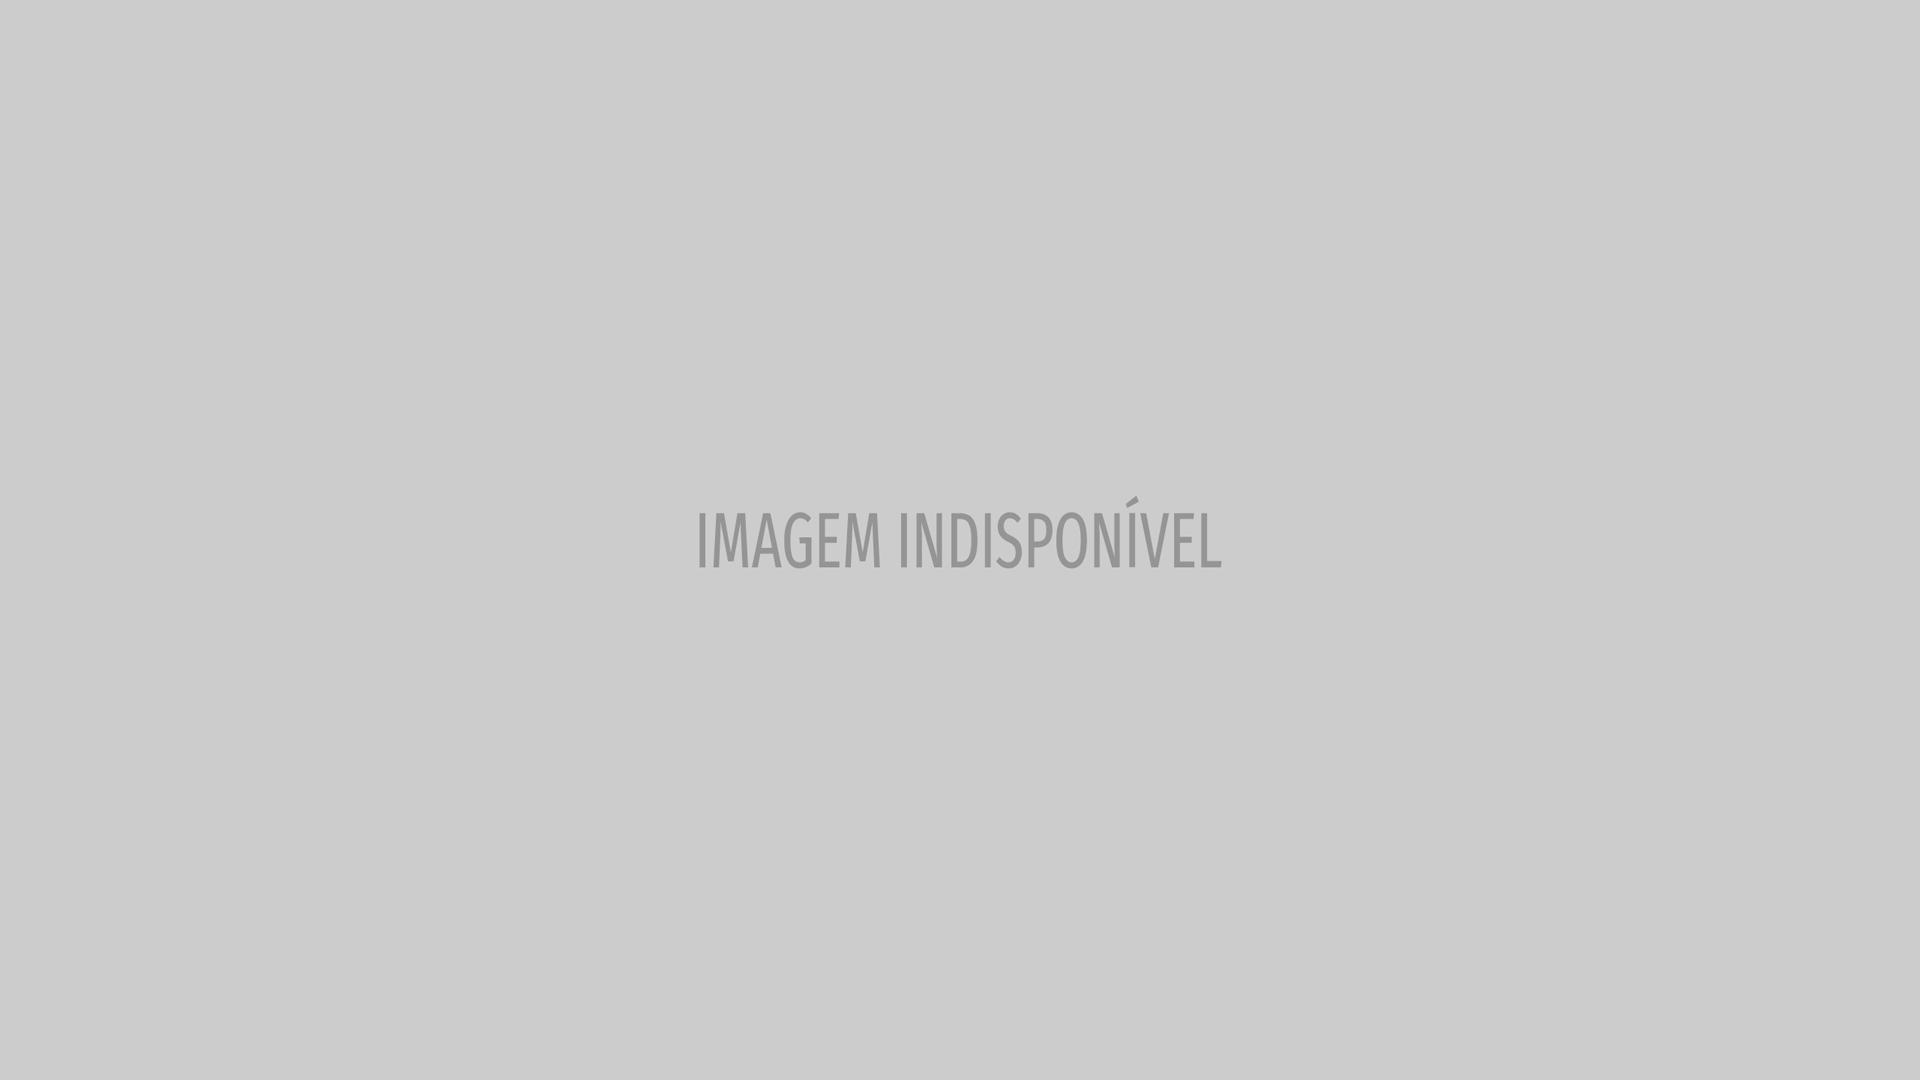 Modelo de 20 anos encontrada morta num iate na Grécia